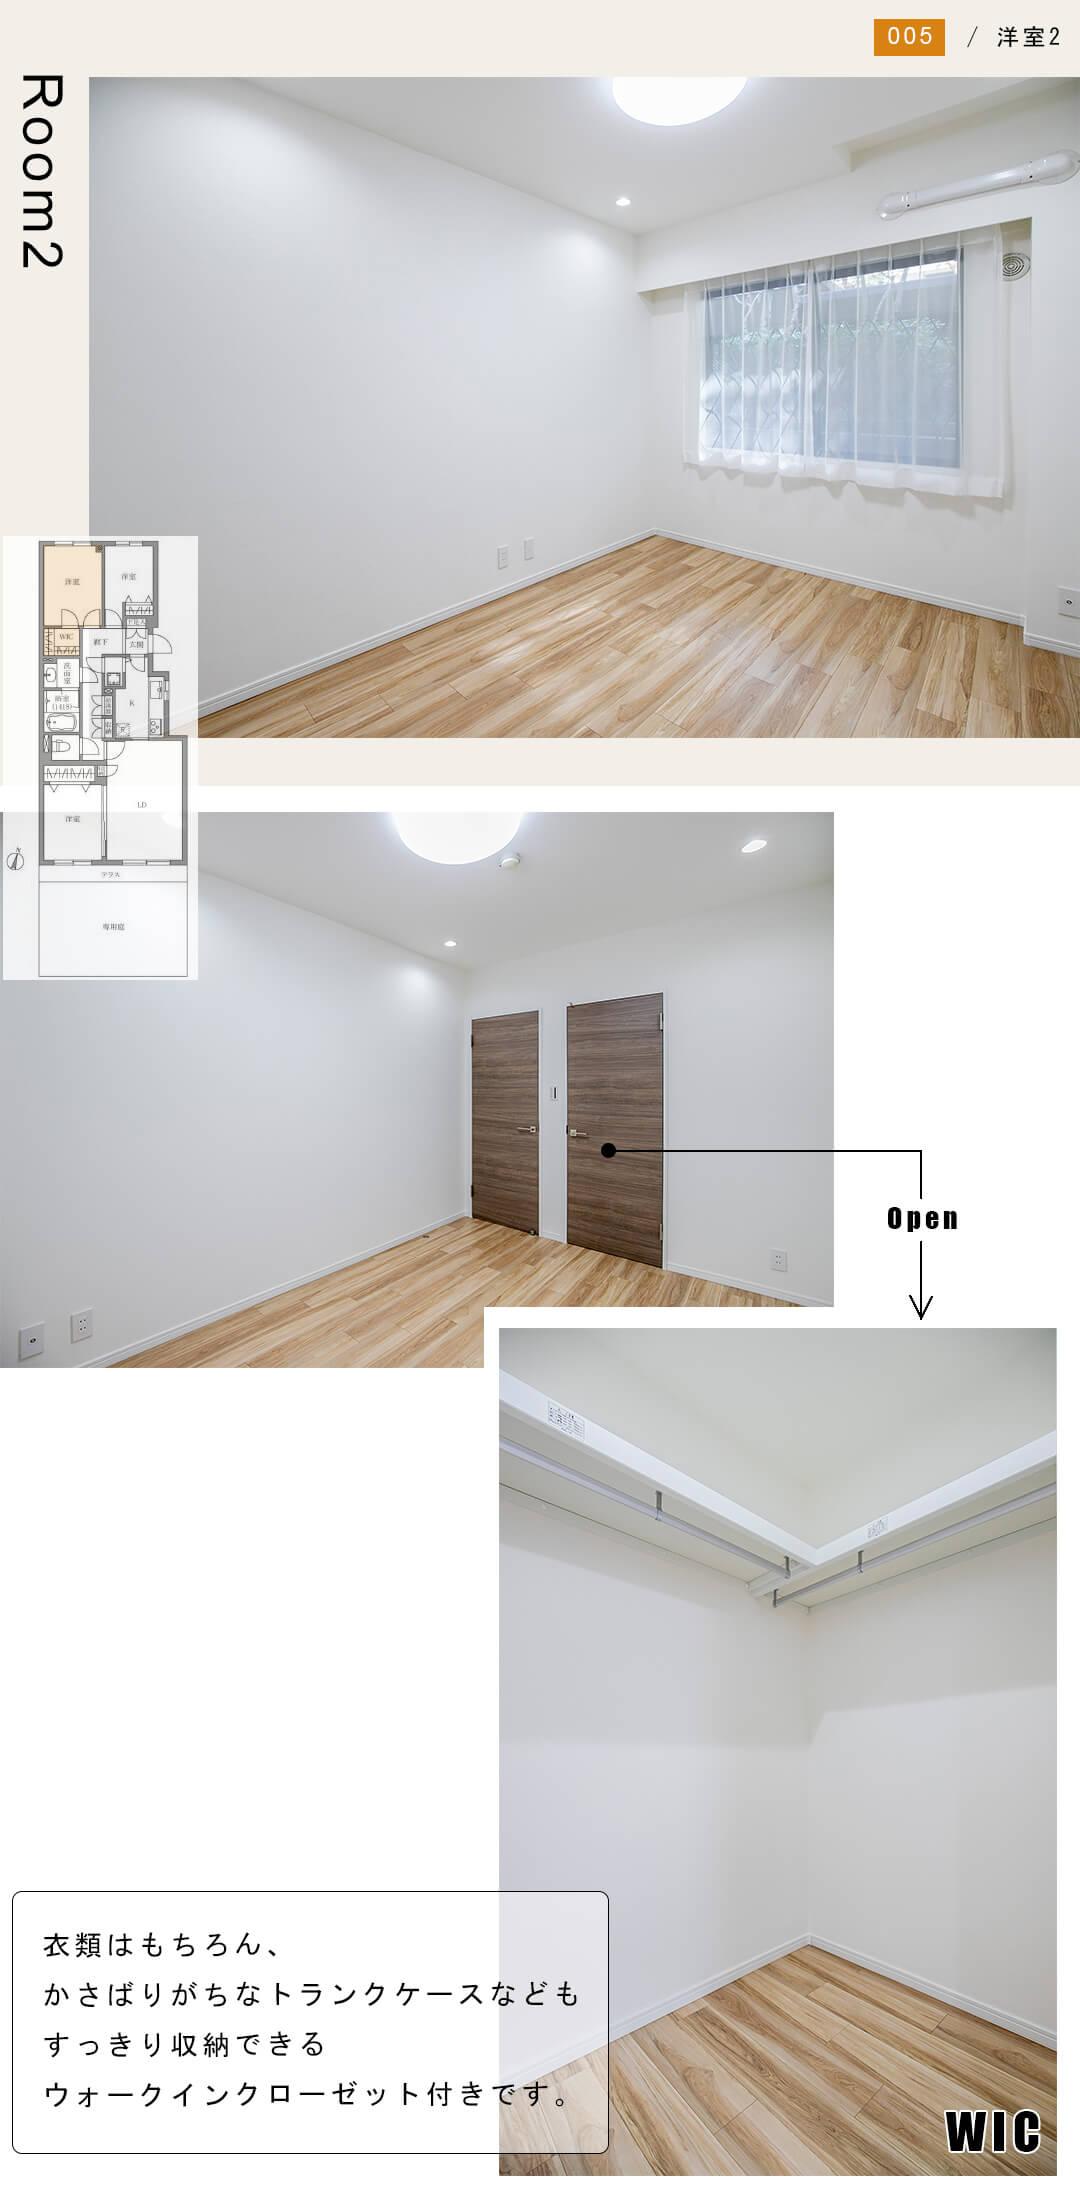 パシフィックパレス荻窪の洋室